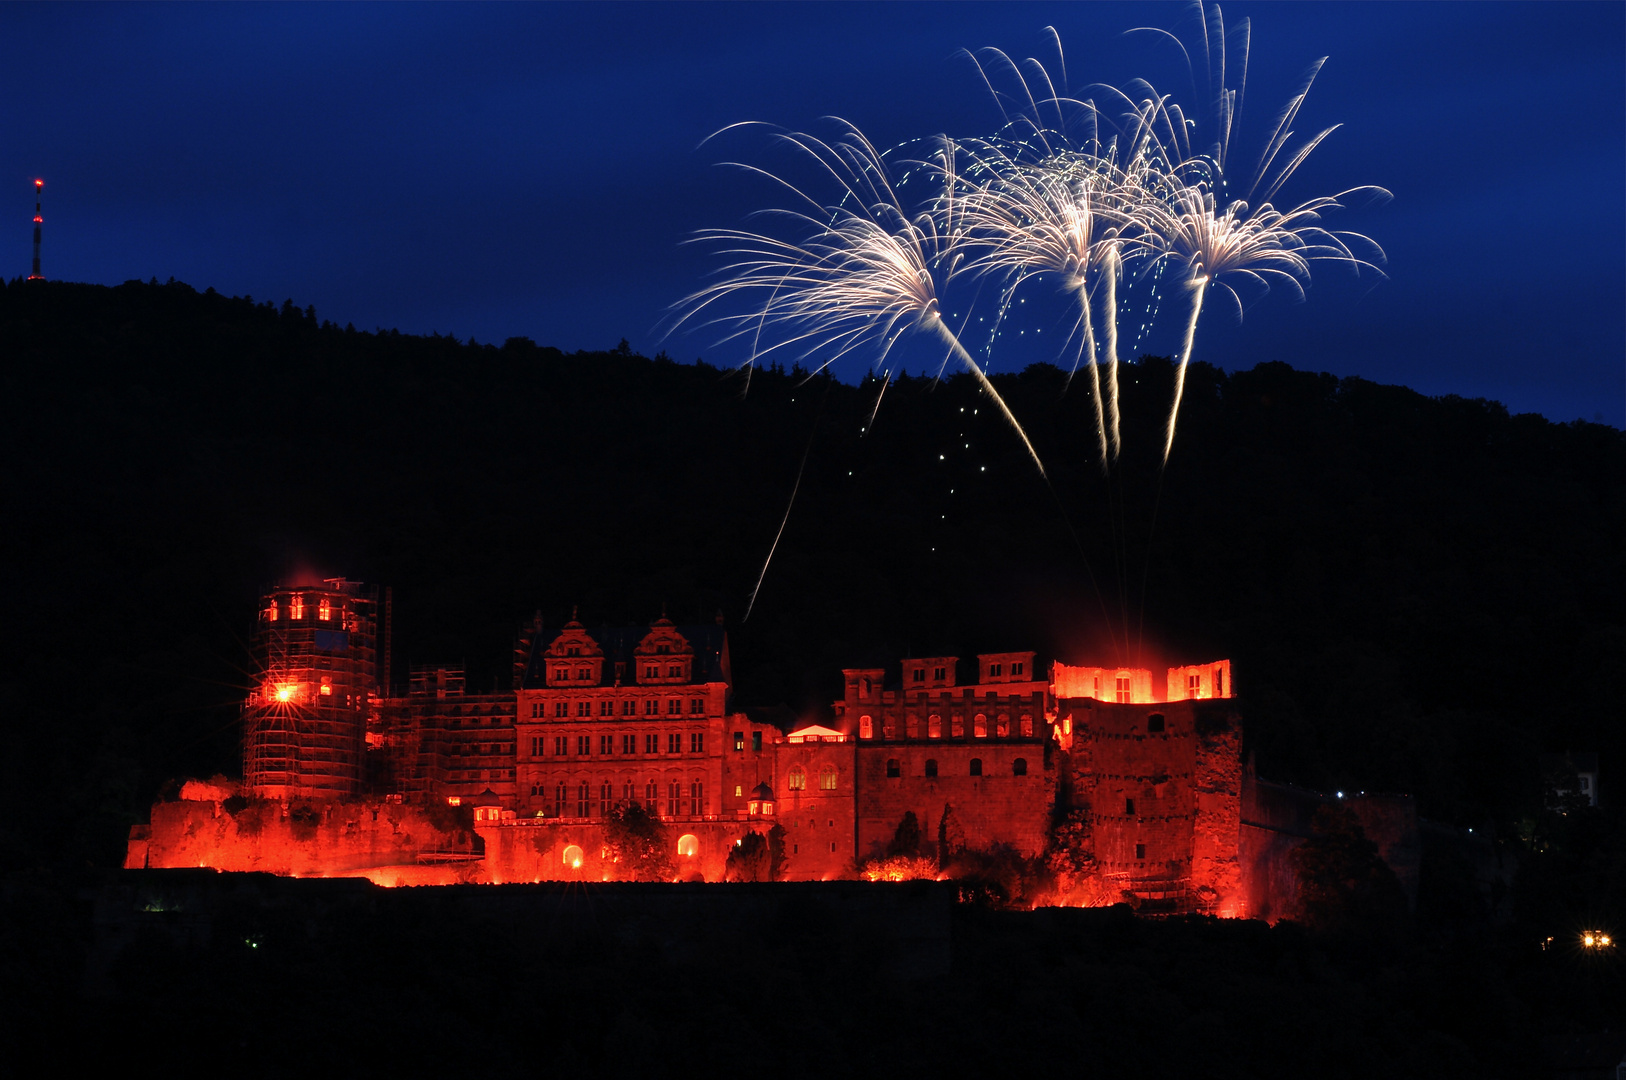 Heidelberg Schlossbeleuchtung